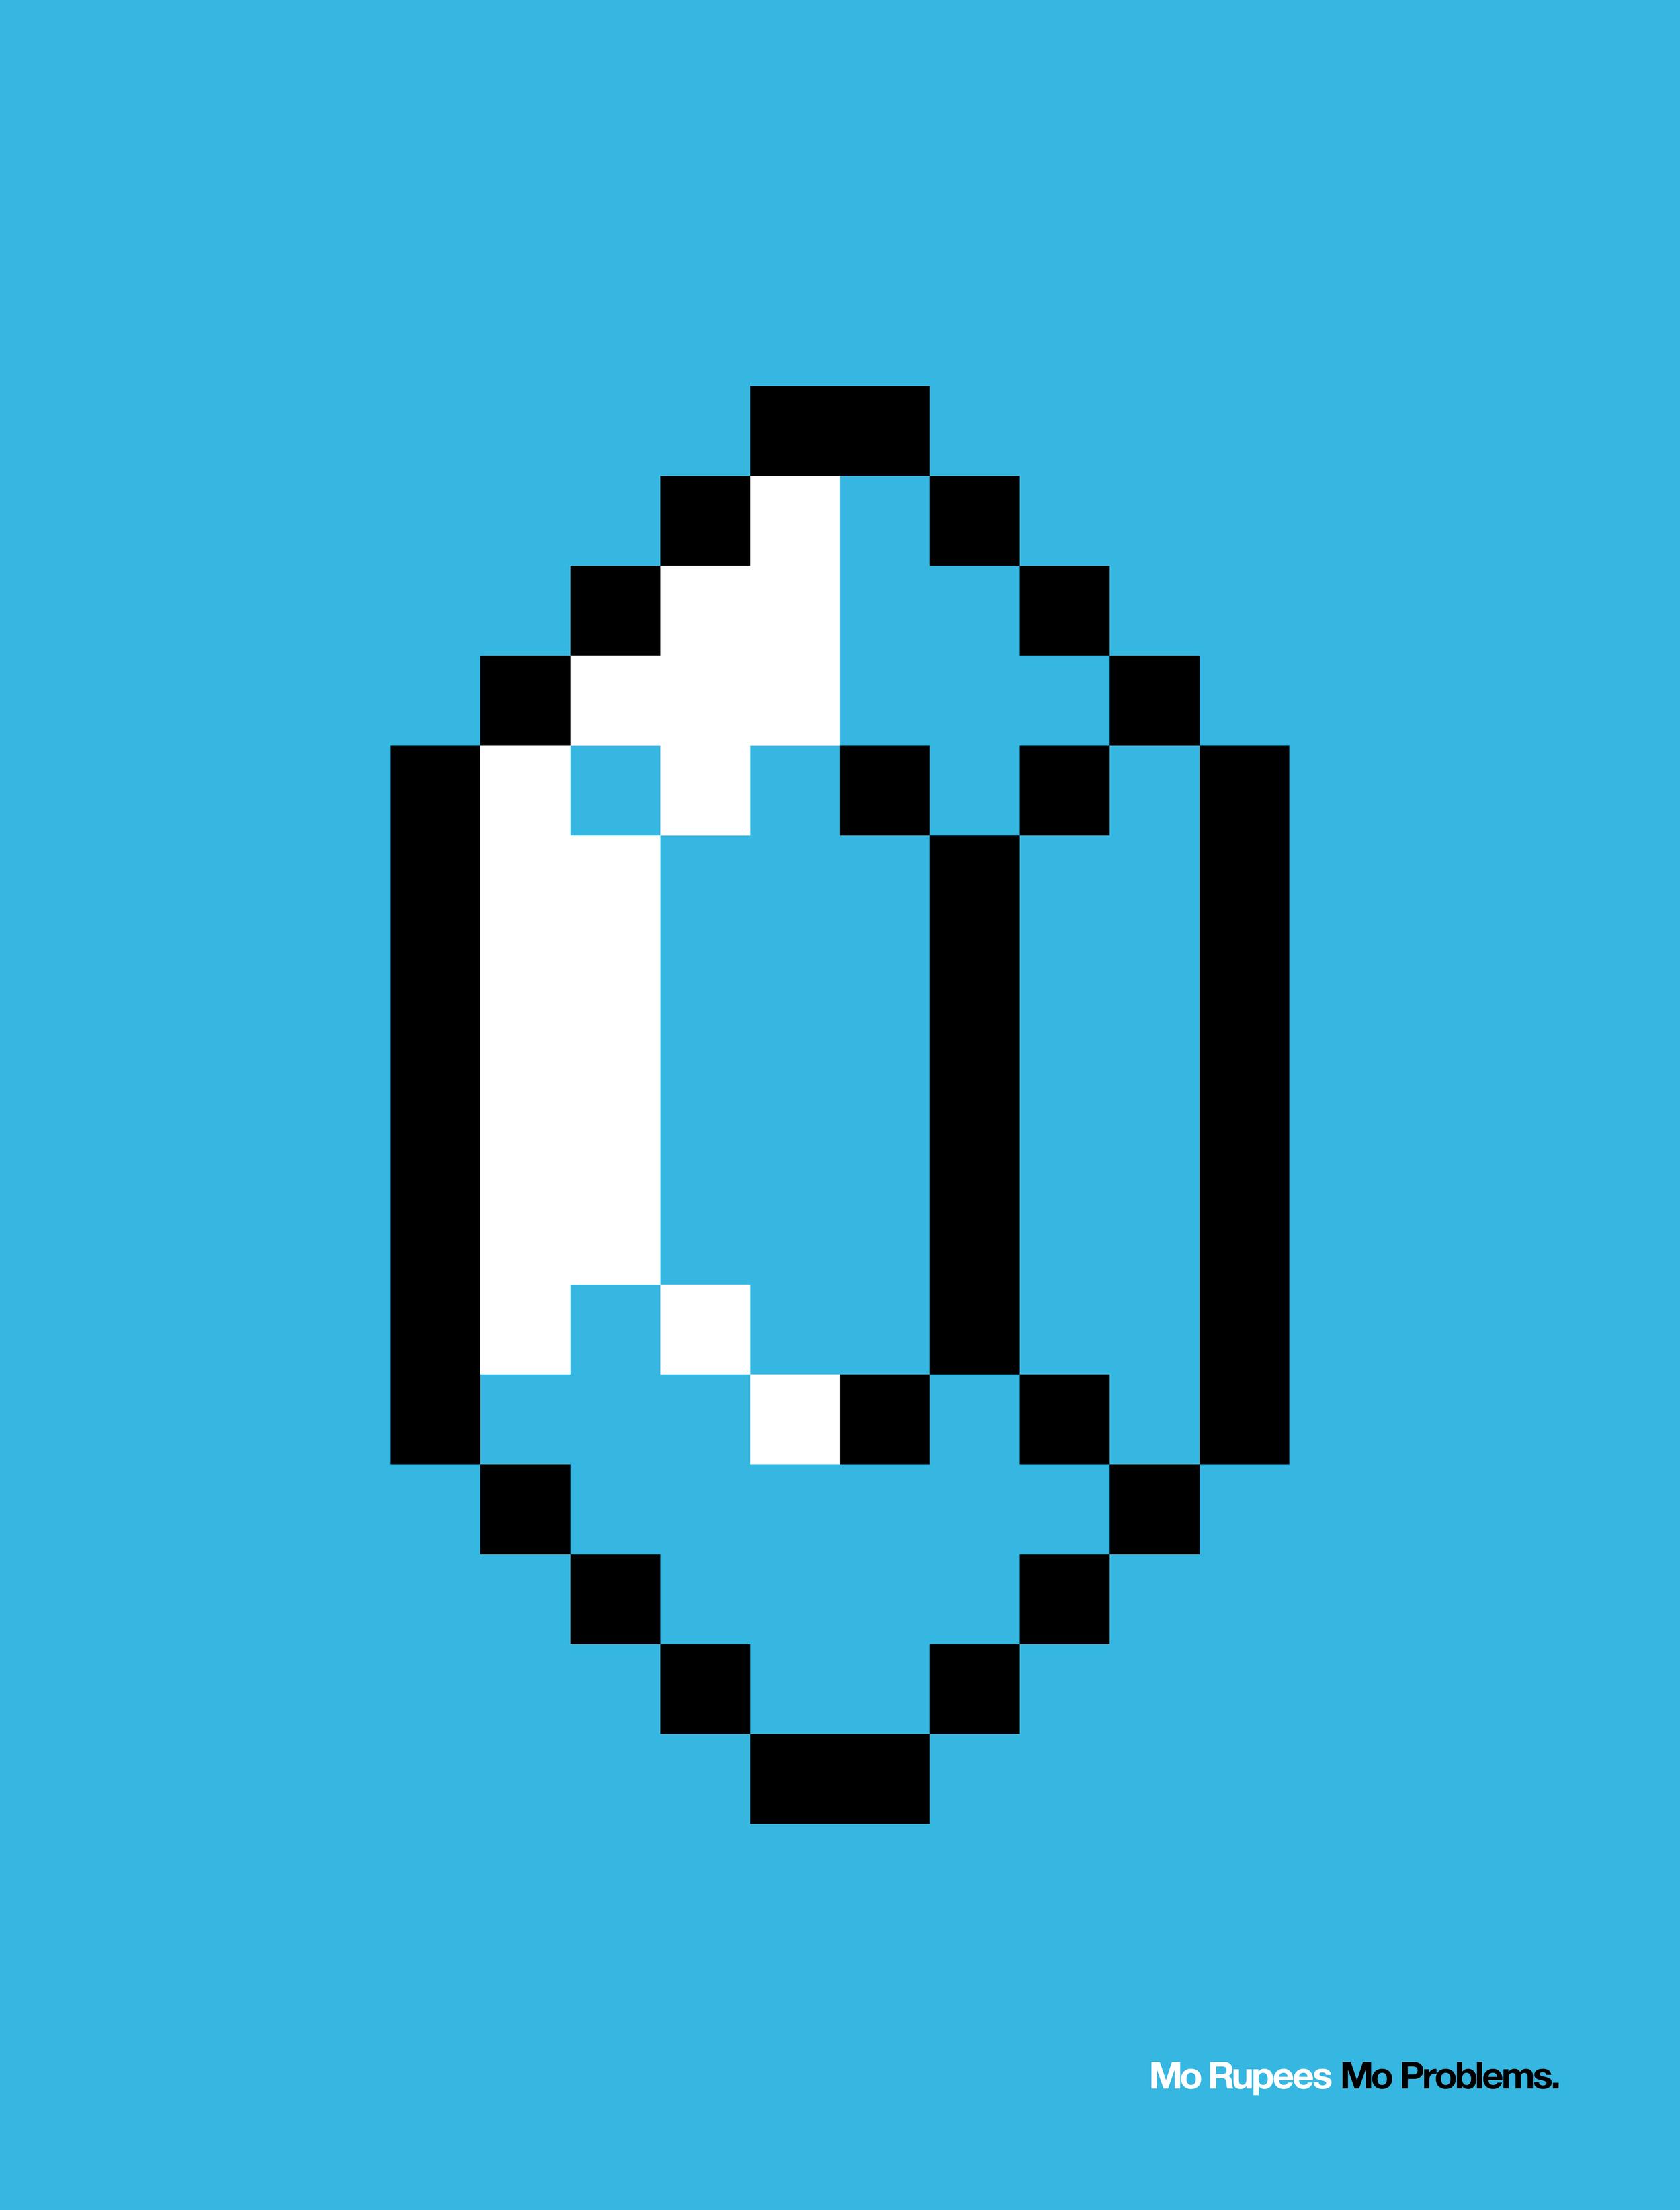 MoRupees blue.jpg